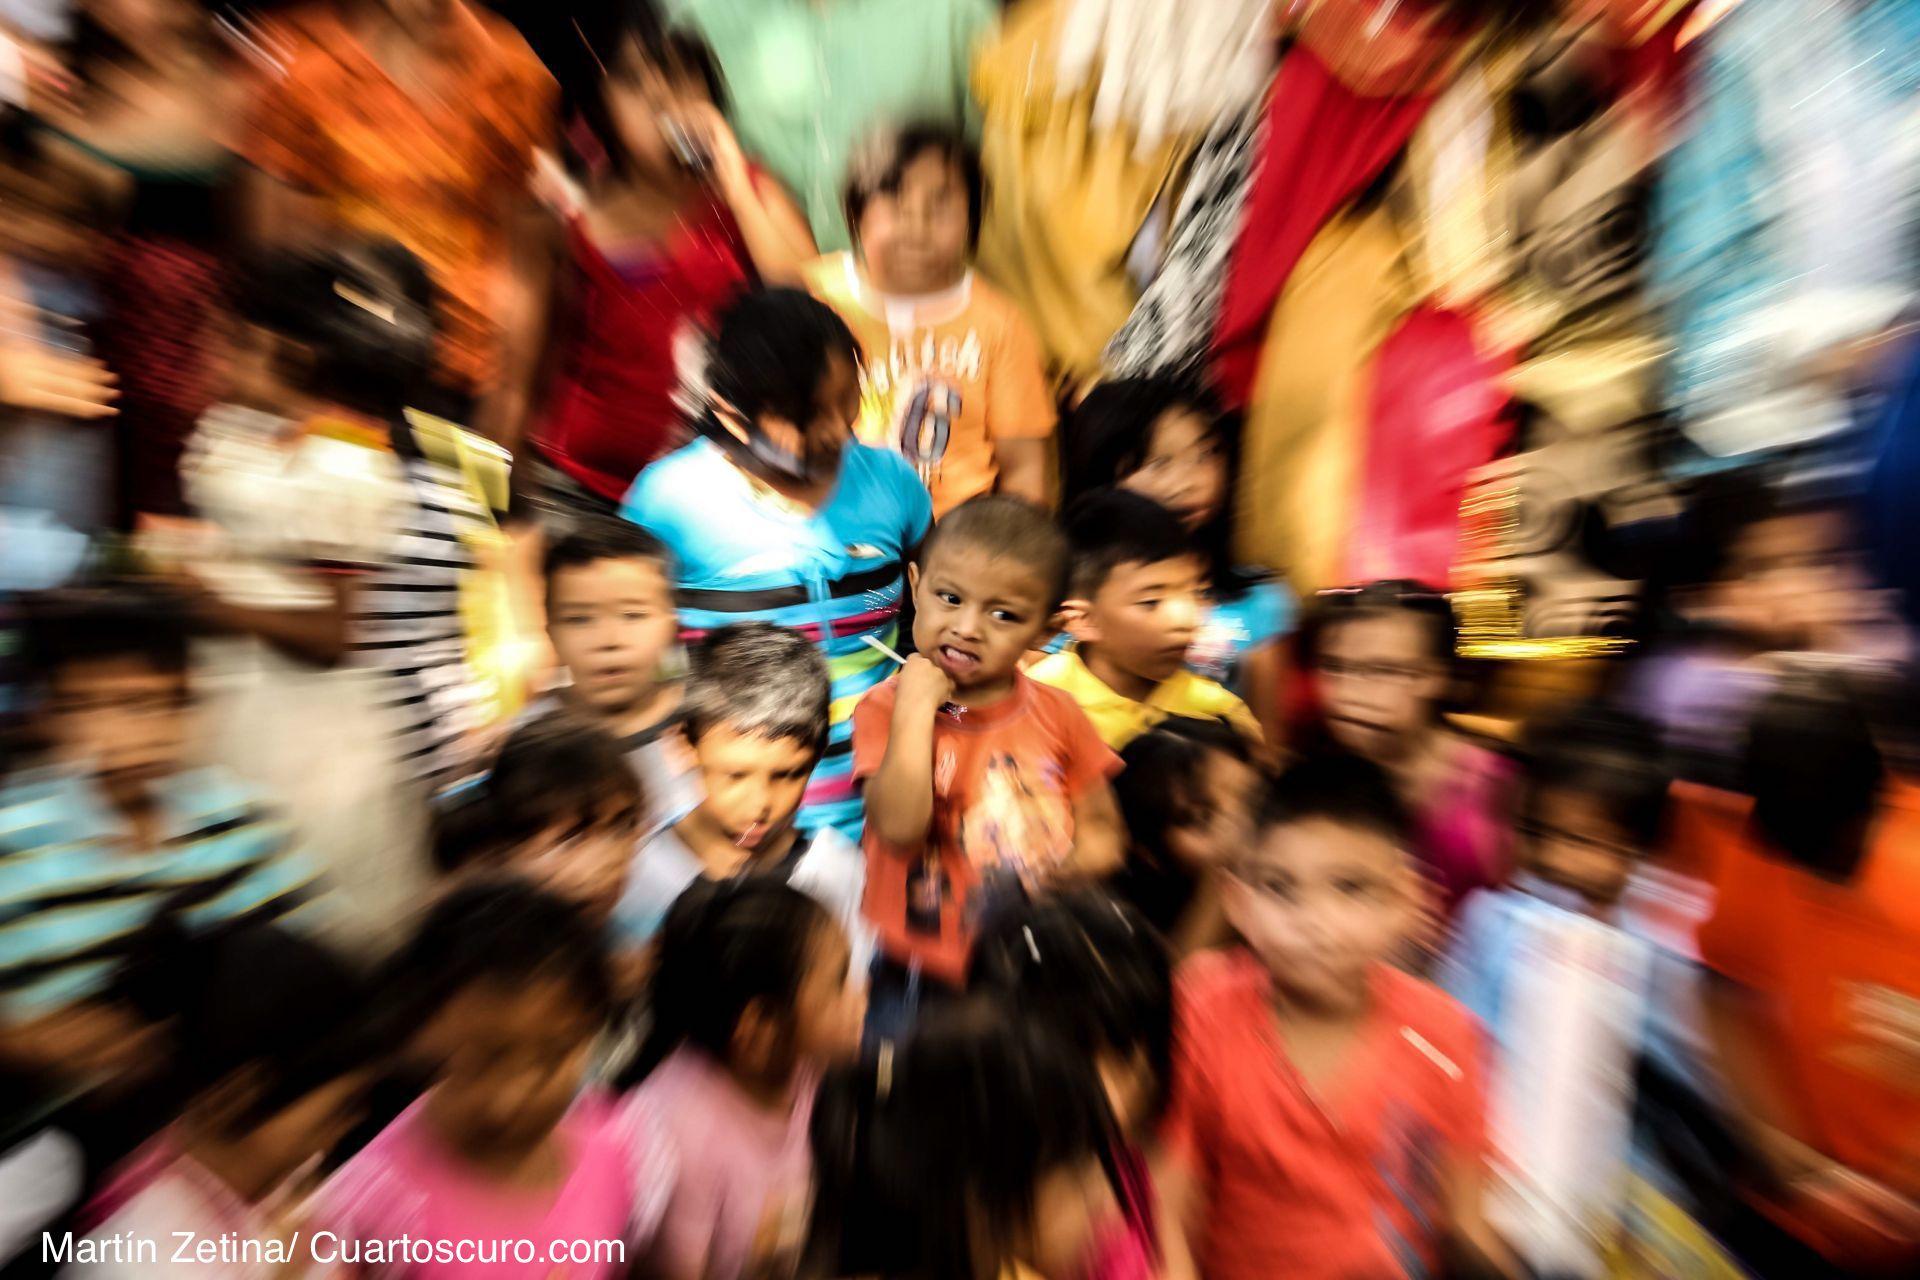 CAMPECHE, CAMPECHE, 30ABRIL2018.- Se celebra el día del niño en México, sin embargo esta fecha no es la misma para todos los países; de hecho, el día mundial del niño se conmemora oficialmente el 20 de Noviembre de acuerdo a la Organización de las Naciones Unidas (ONU). Pero la misma Organización sugirió a cada país elegir la fecha que mejor les convenga para esta celebración, también destinada para reafirmar los Derechos Universales de la niñez.  FOTO: MARTÍN ZETINA /CUARTOSCURO.COM